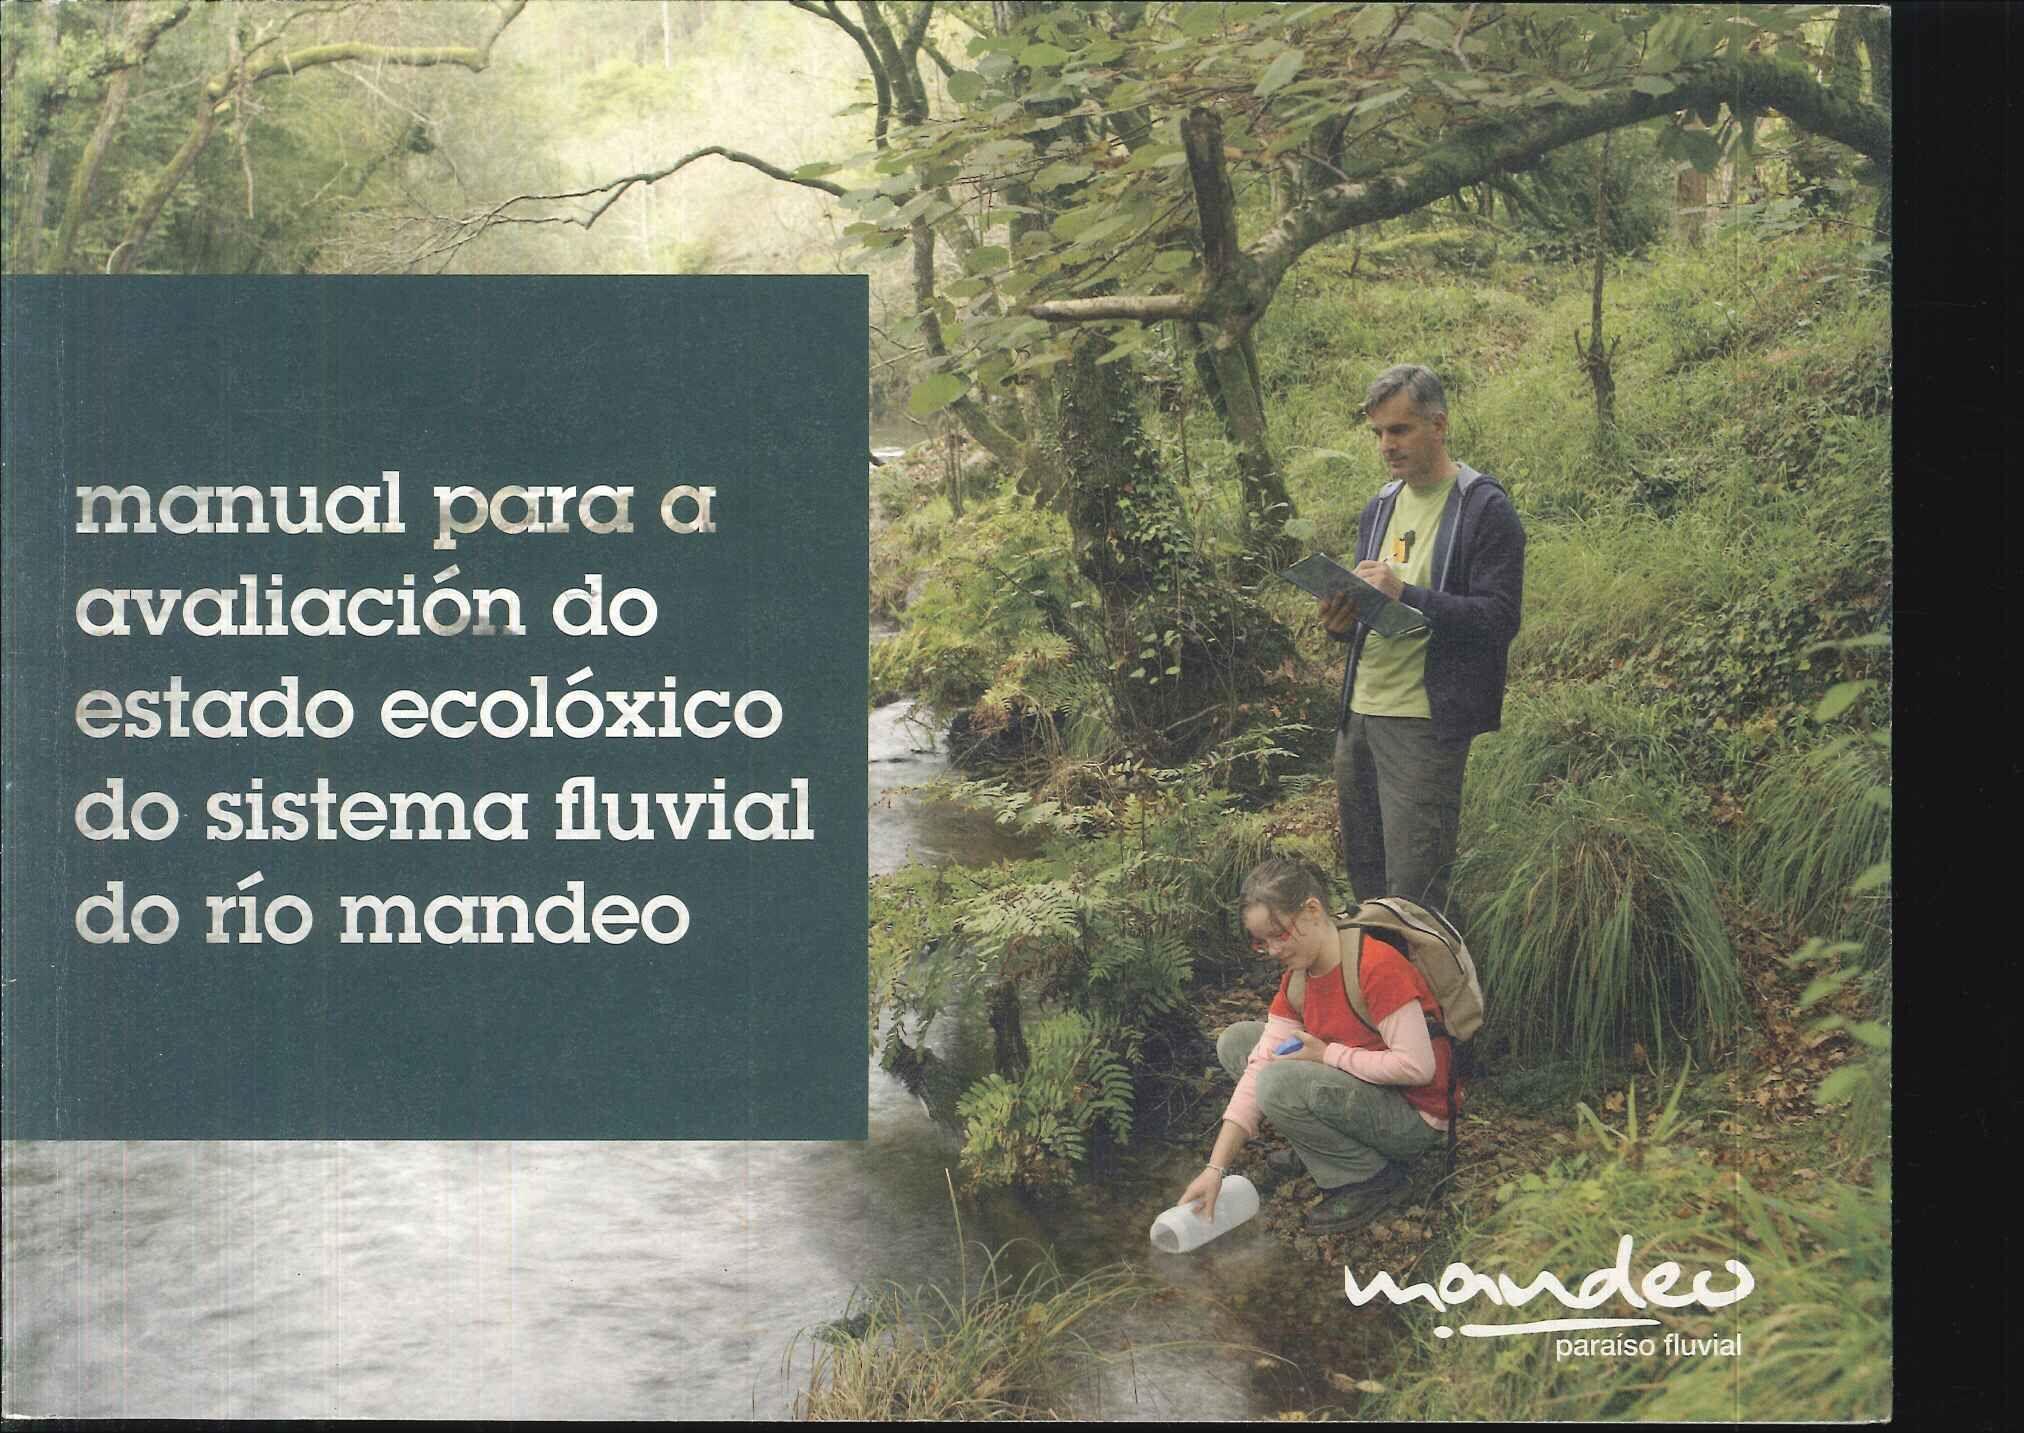 Manual Para A Avaliacion Do Estado Ecoloxico Do Sistema Fluvial Do